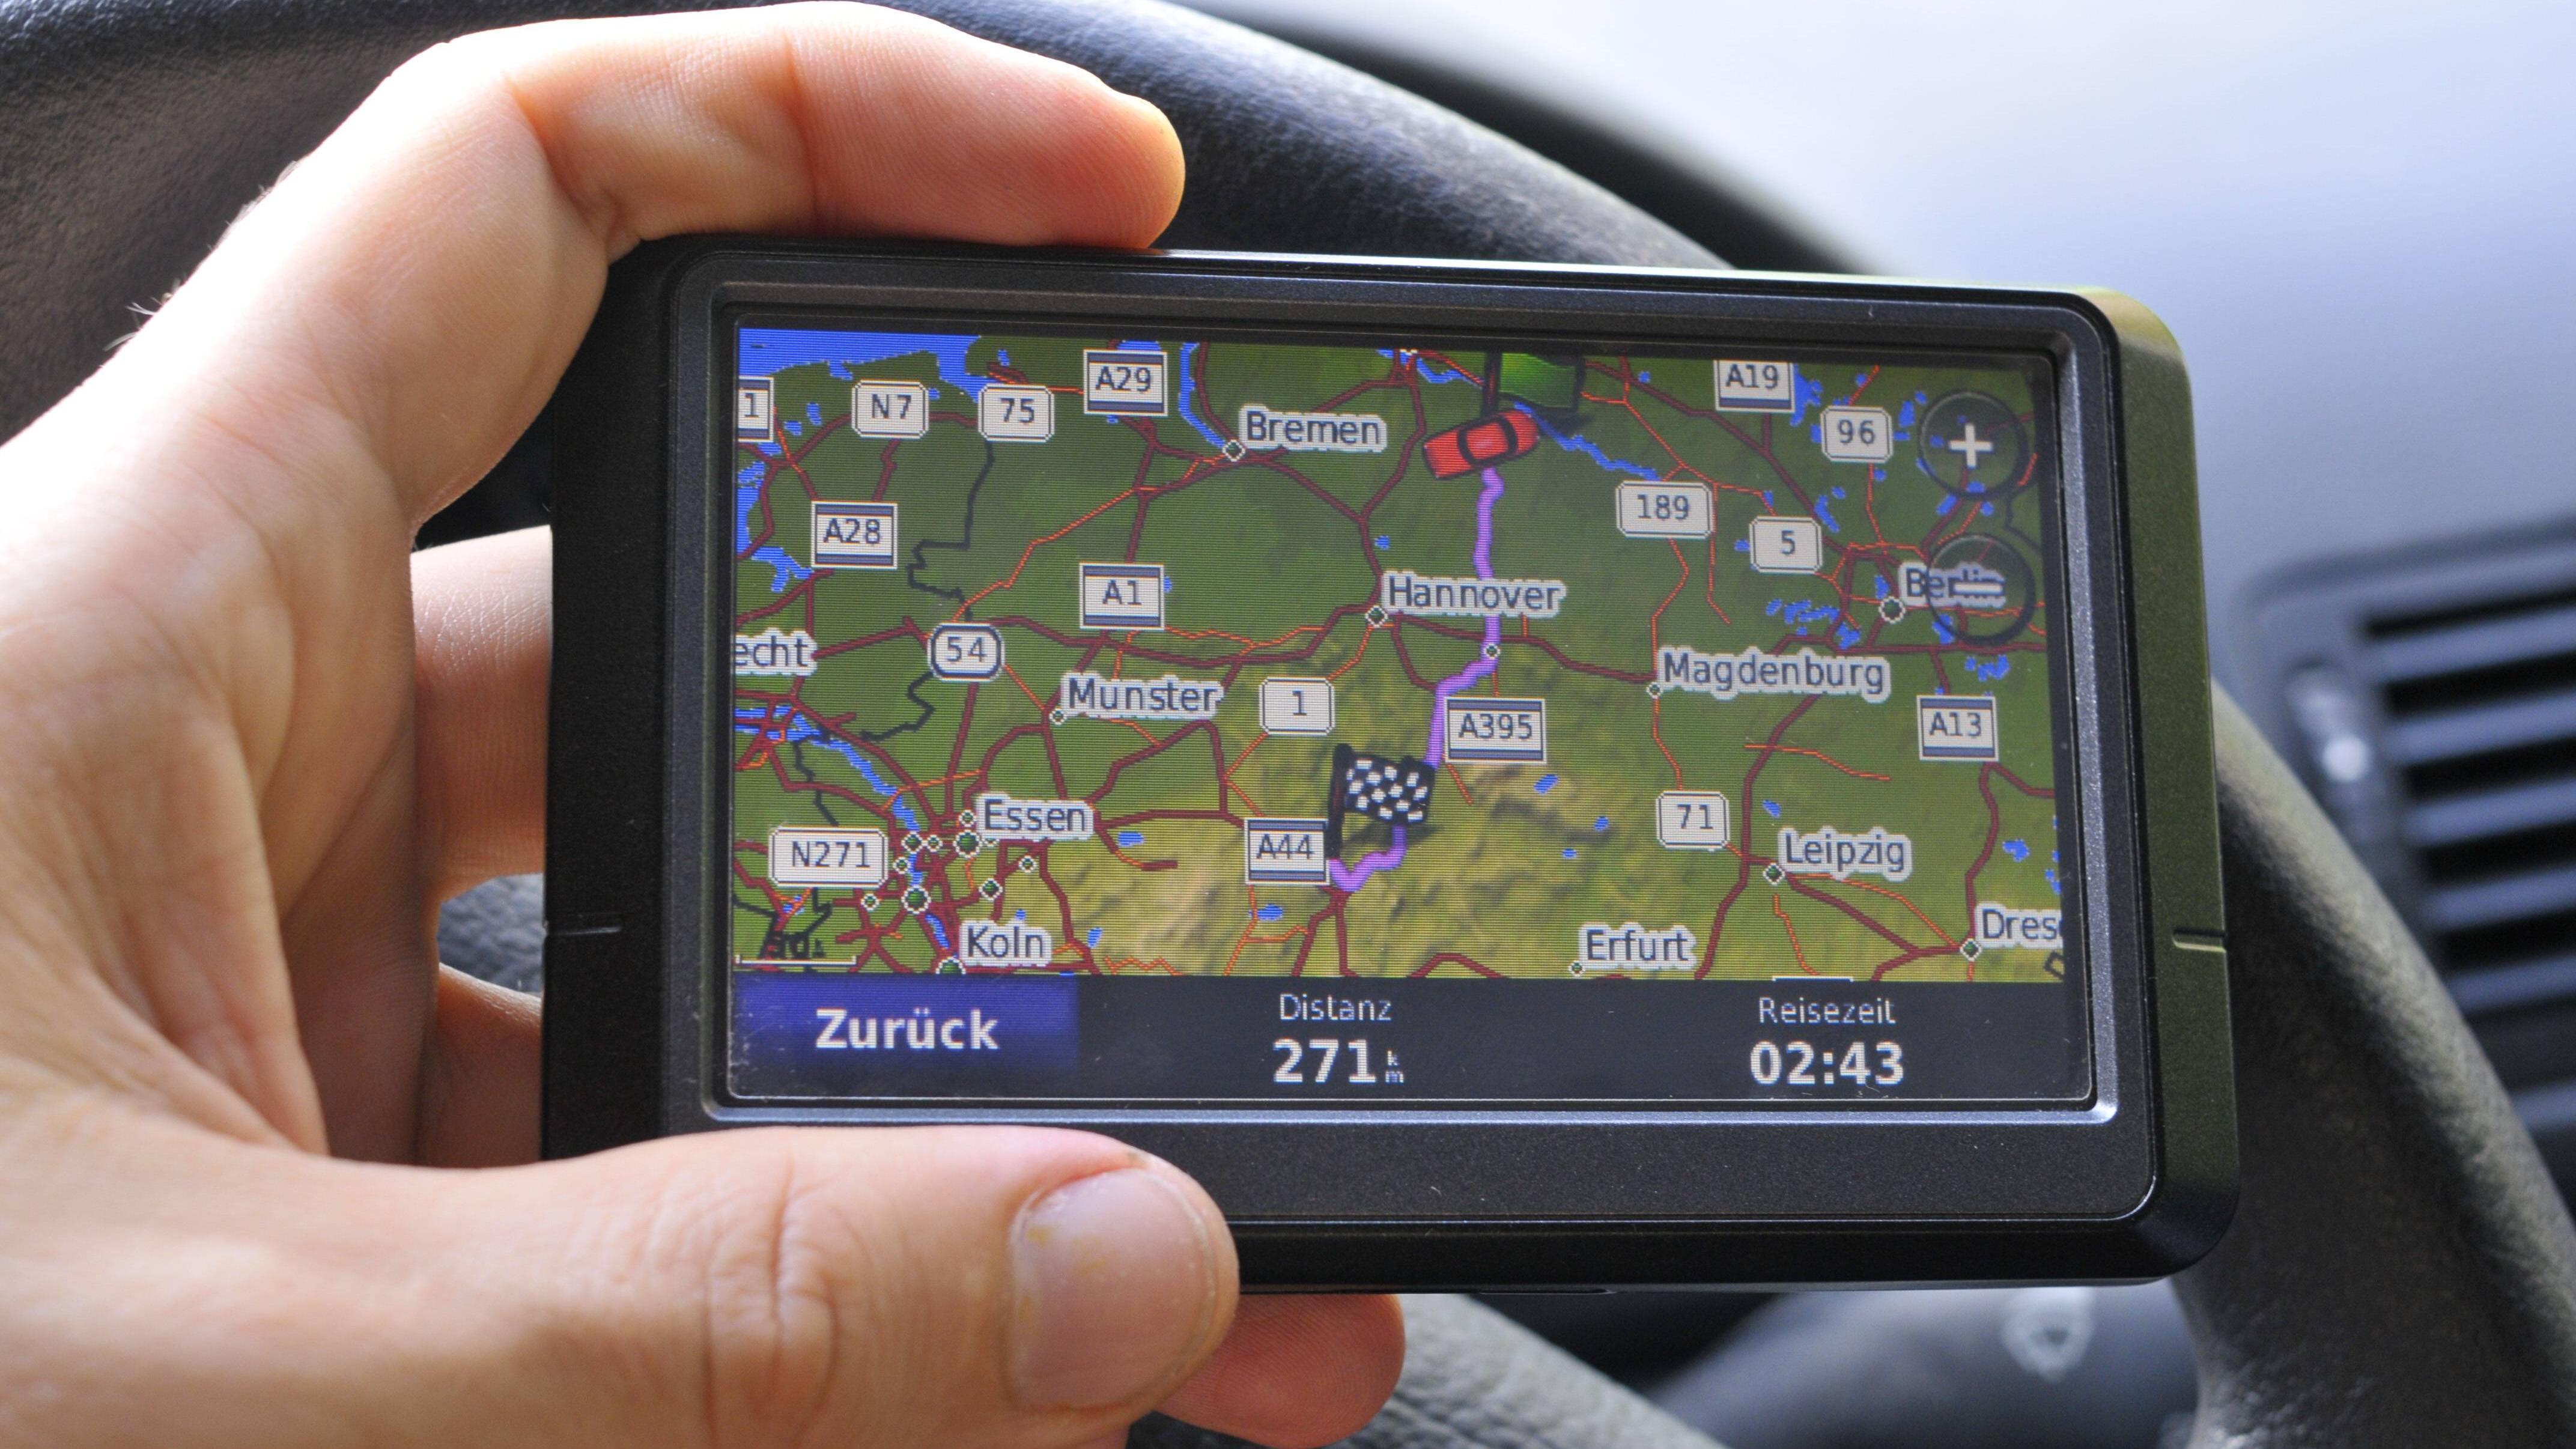 GPS ist vor allem für heutige Navigationssystem von Bedeutung.